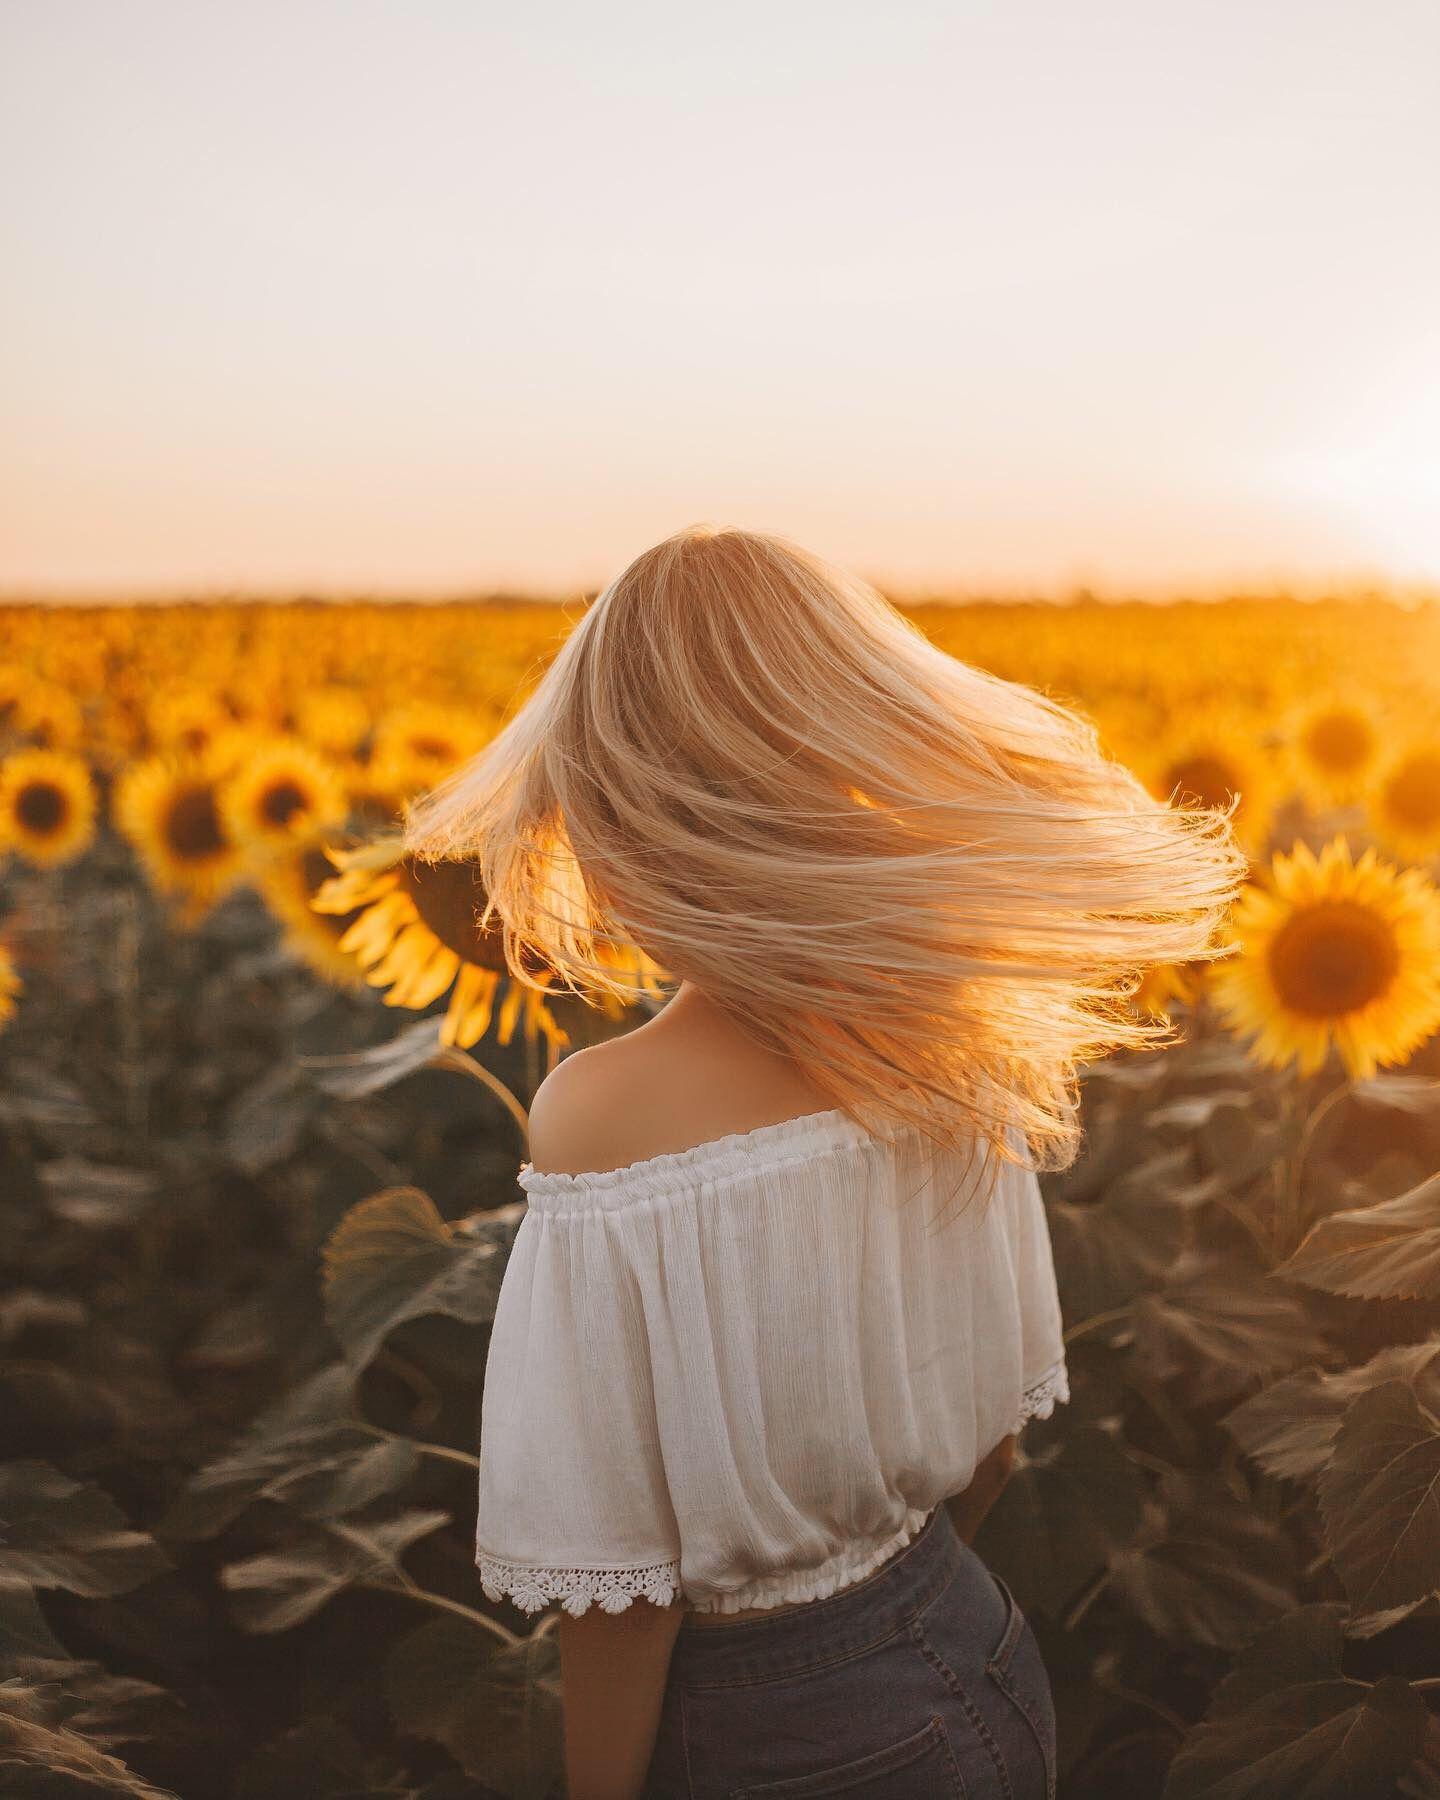 Фото Девушка с длинными волосами смотрит на поле подсолнухов